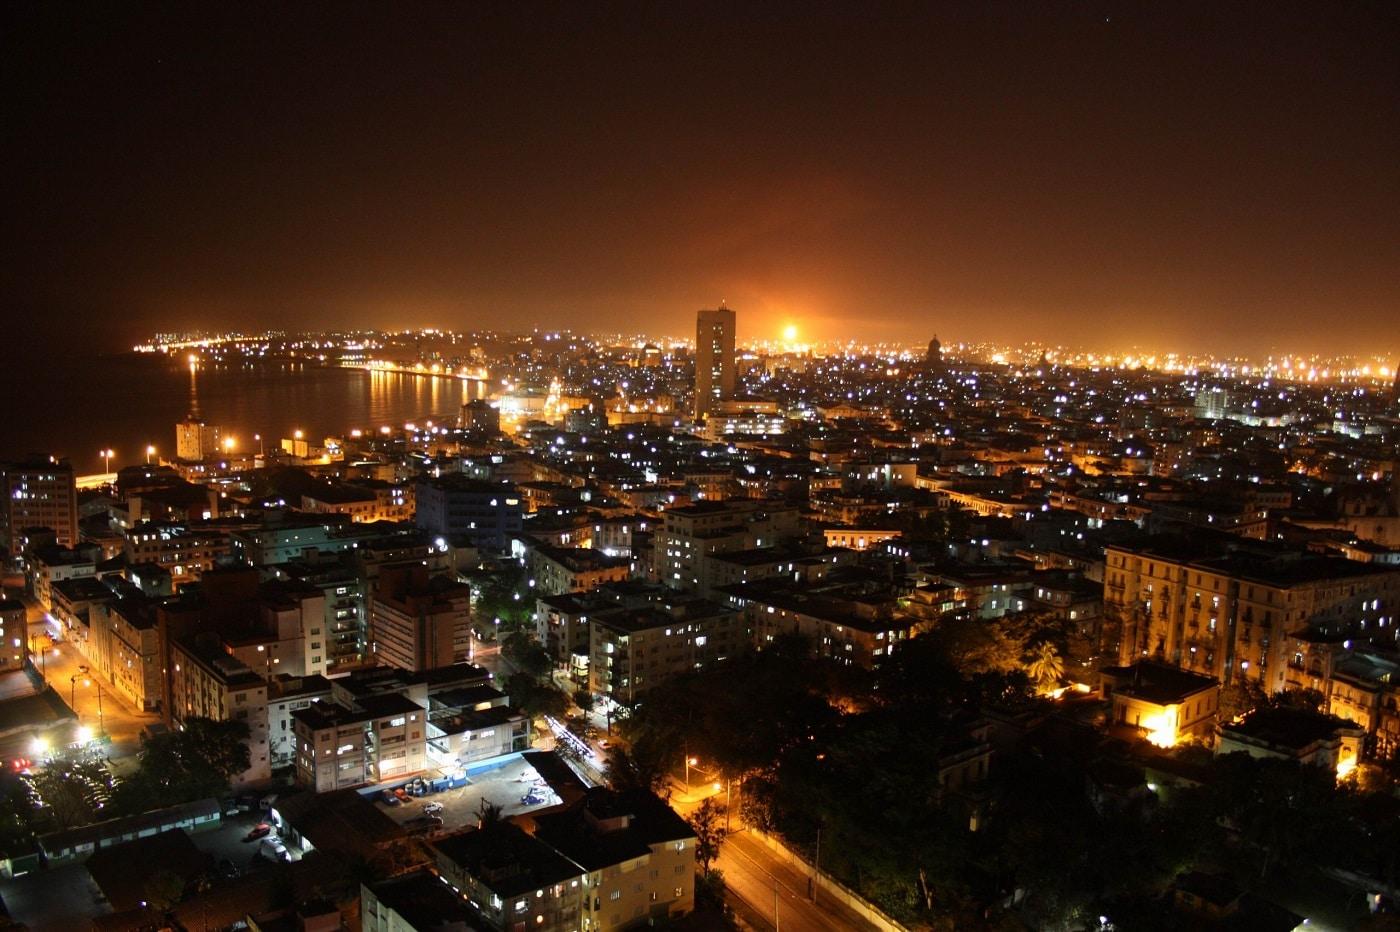 Havana, îmbinarea armonioasă între vechi și nou